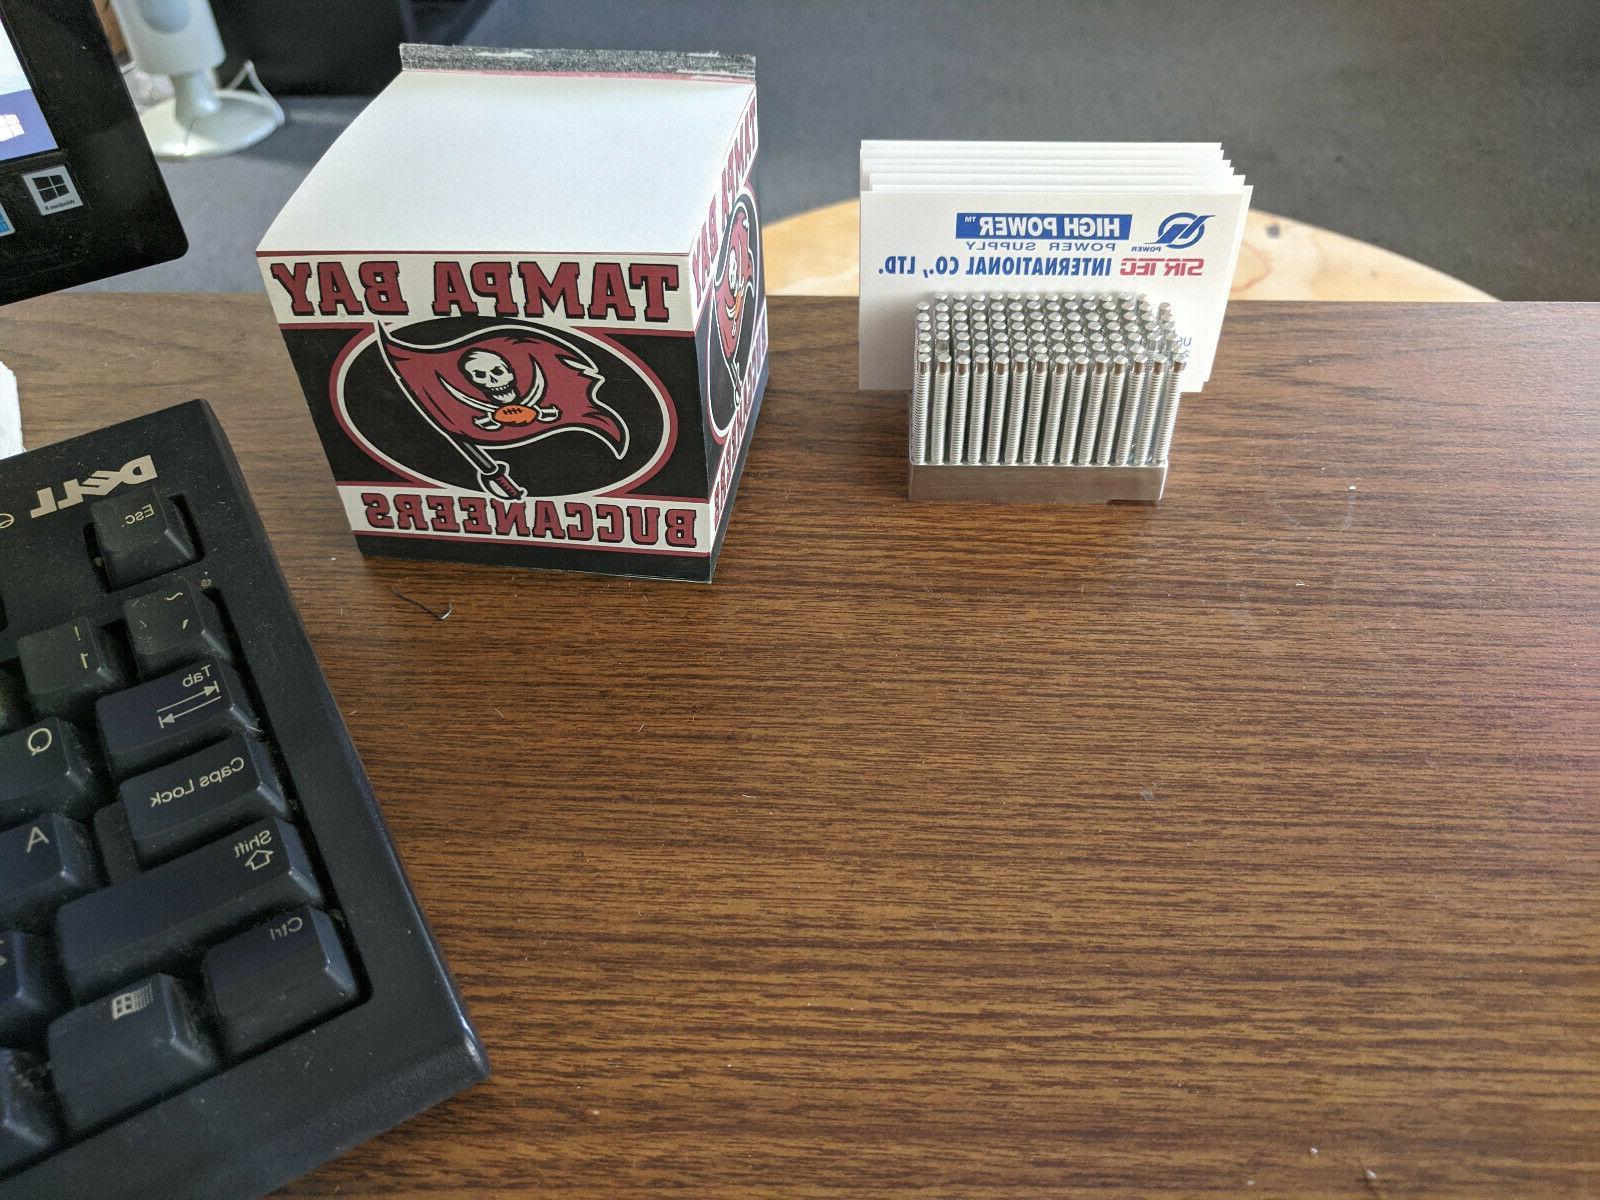 Computer Heat Sink Business Card - tech garage,